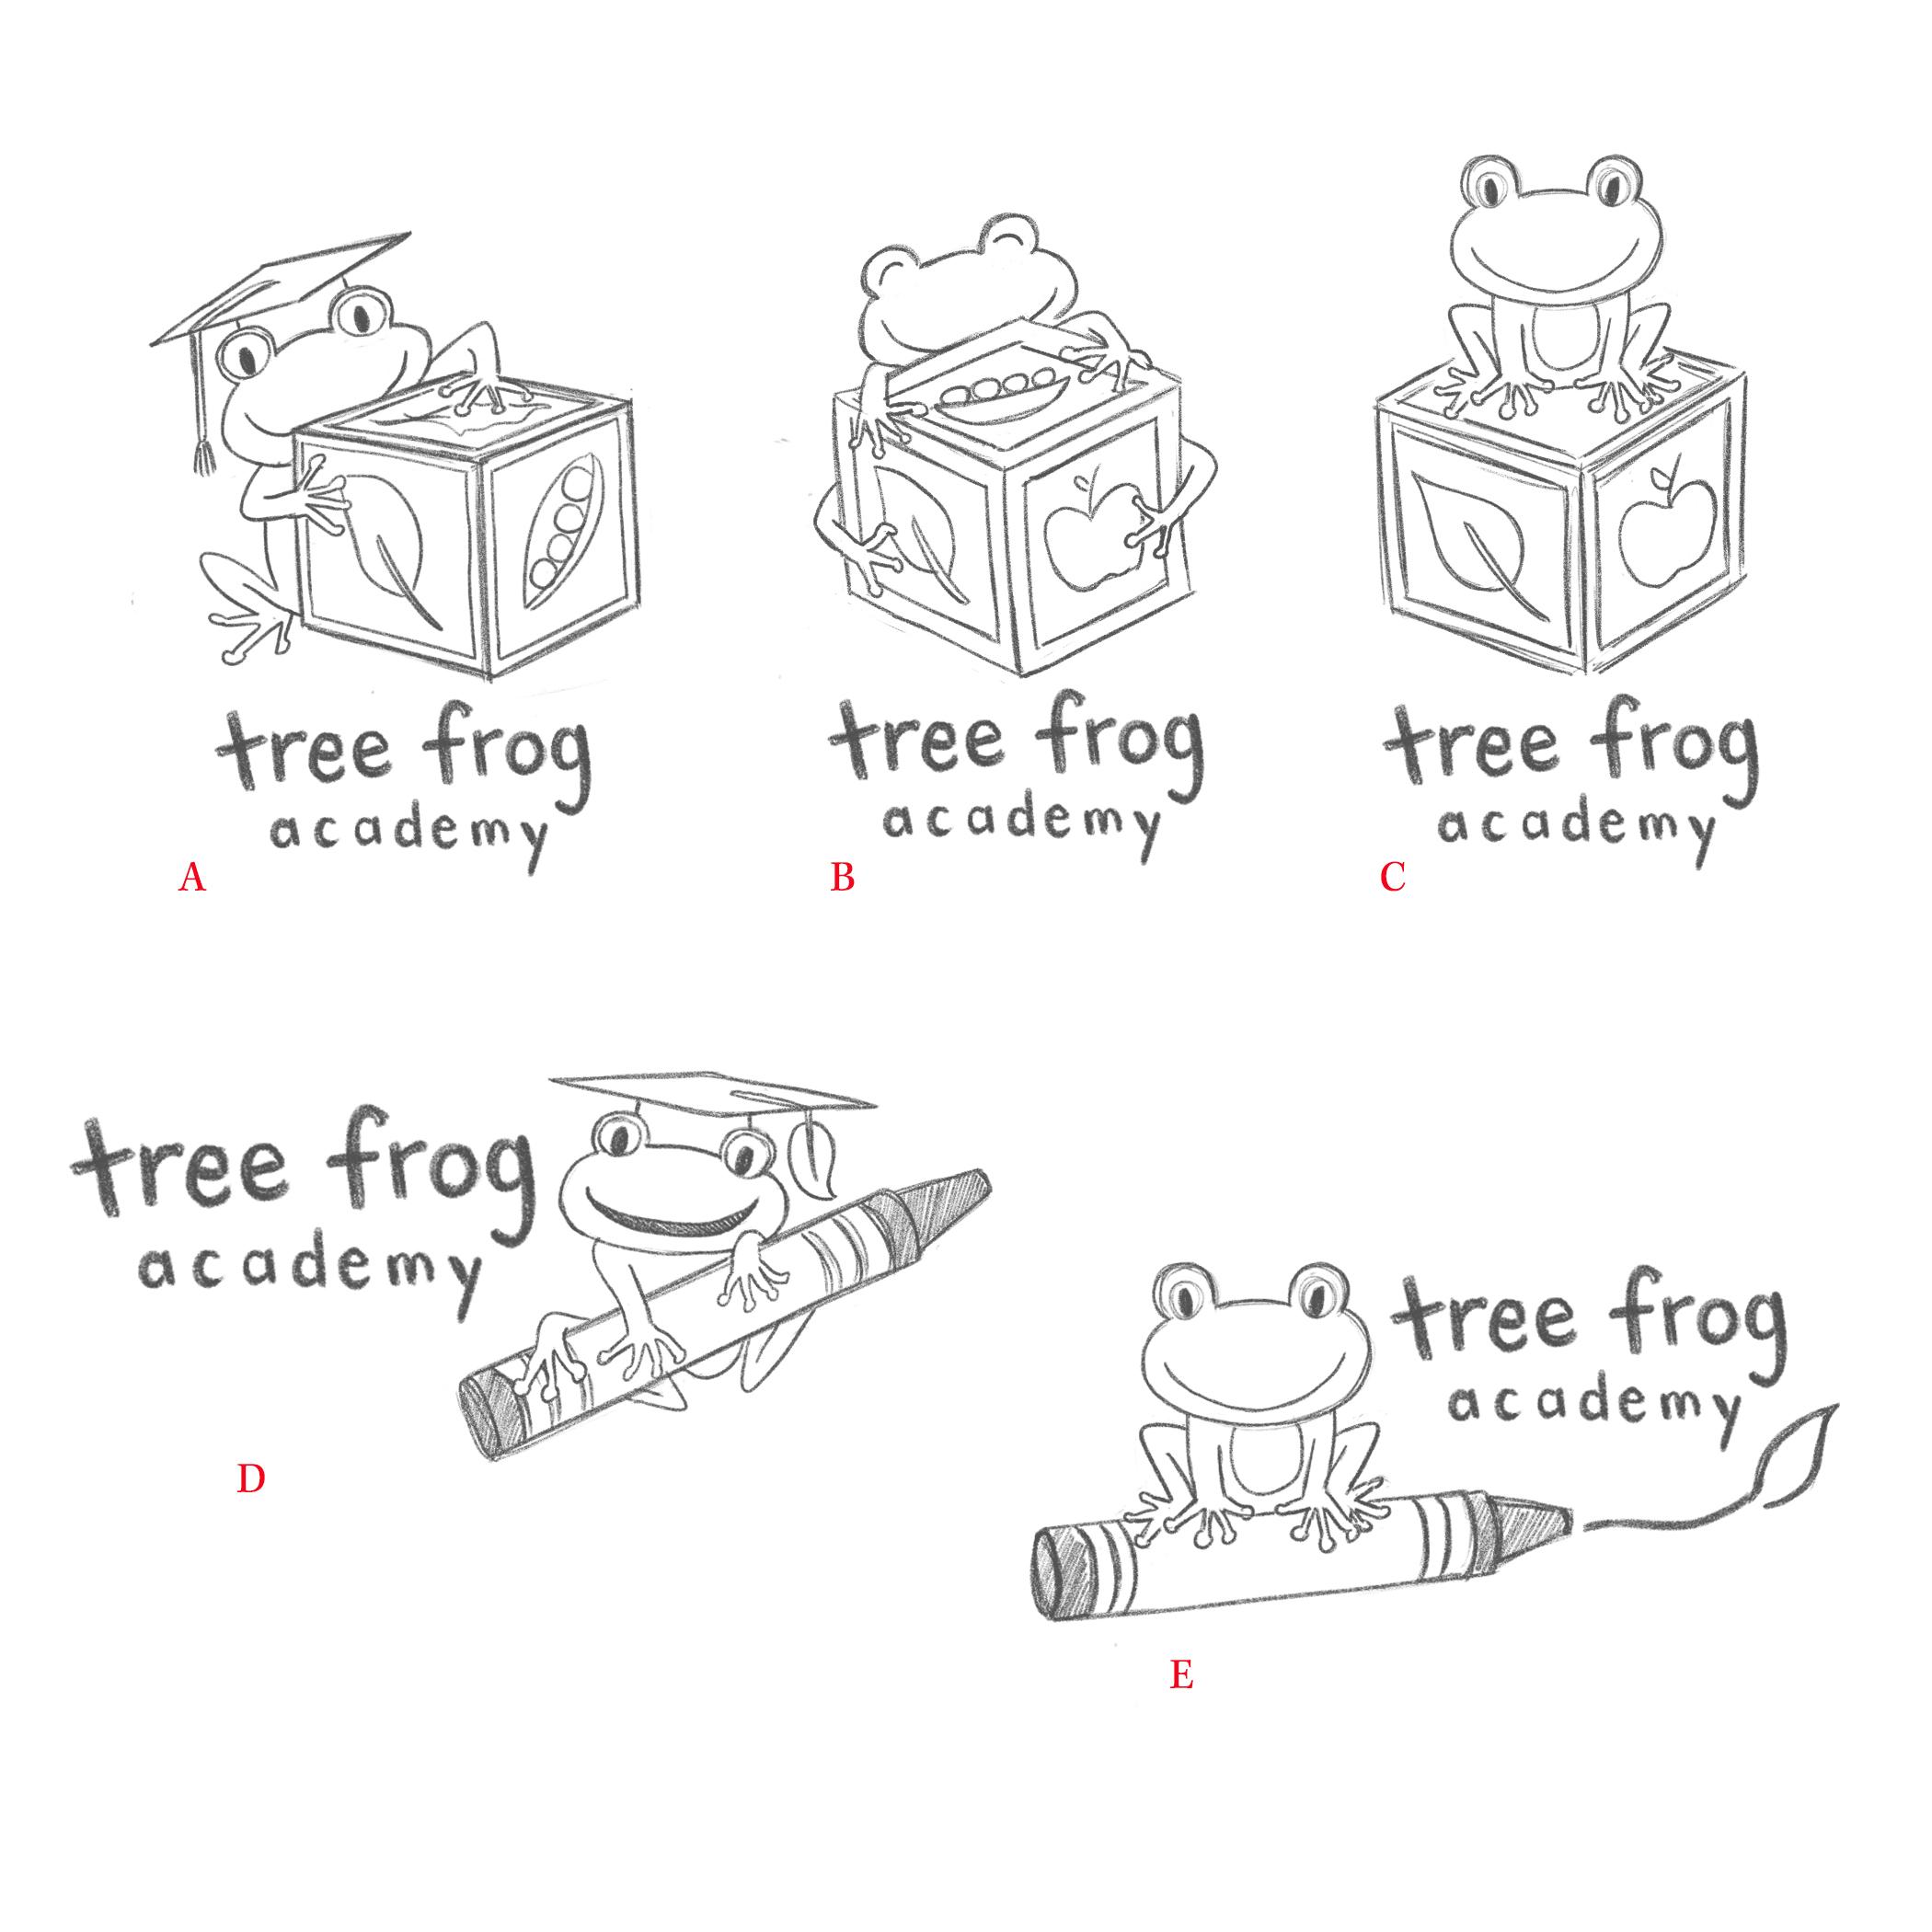 treefrog_sketches01.jpg